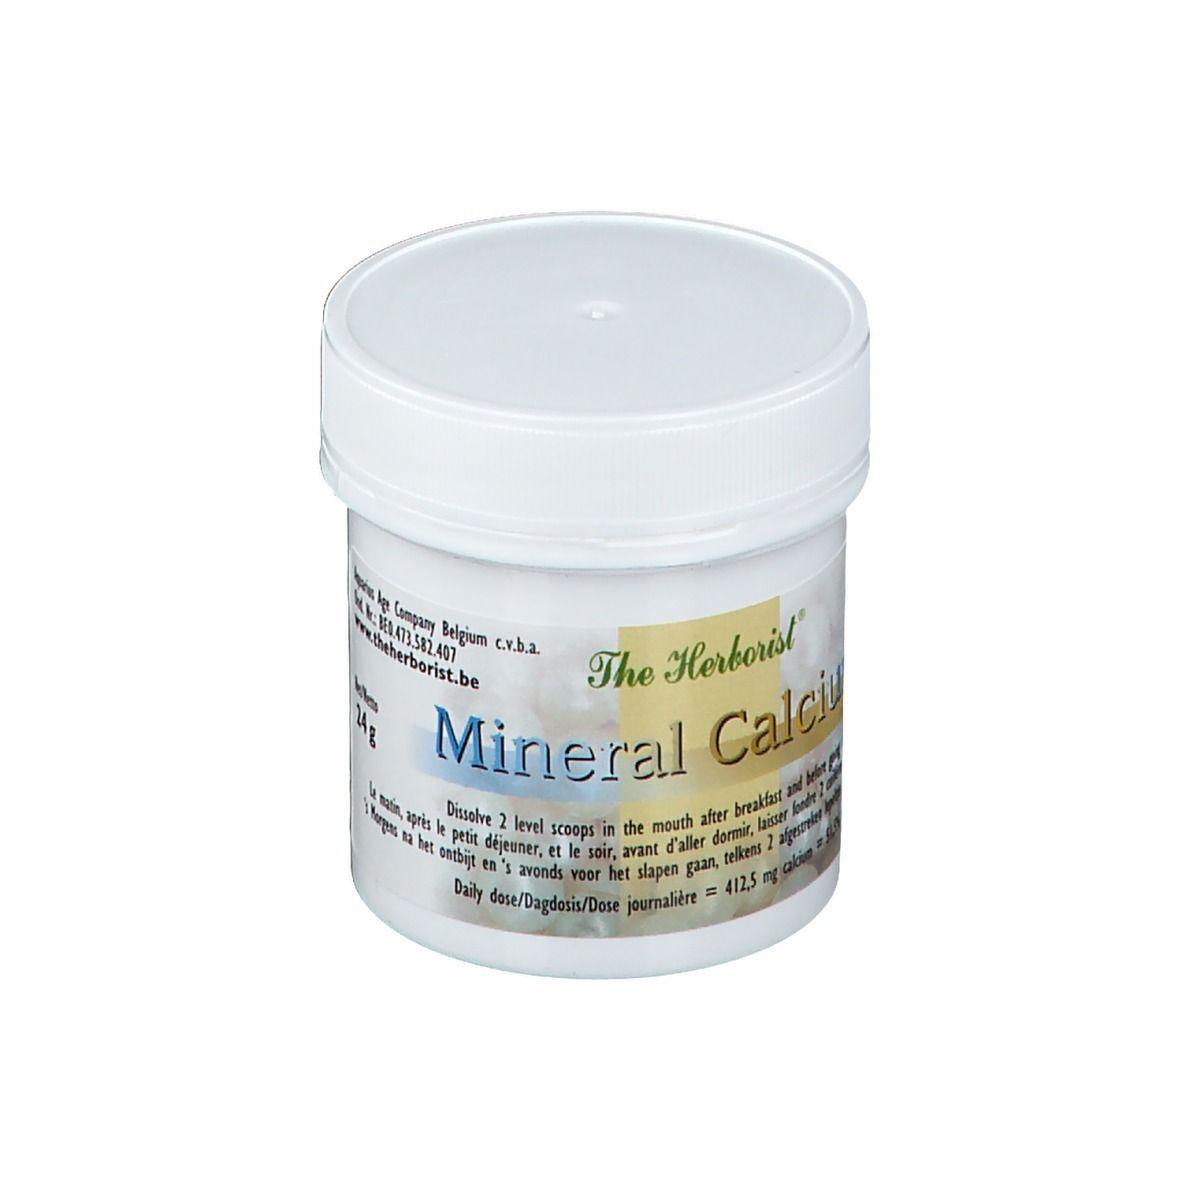 Image of Herborist Mineral Calcium